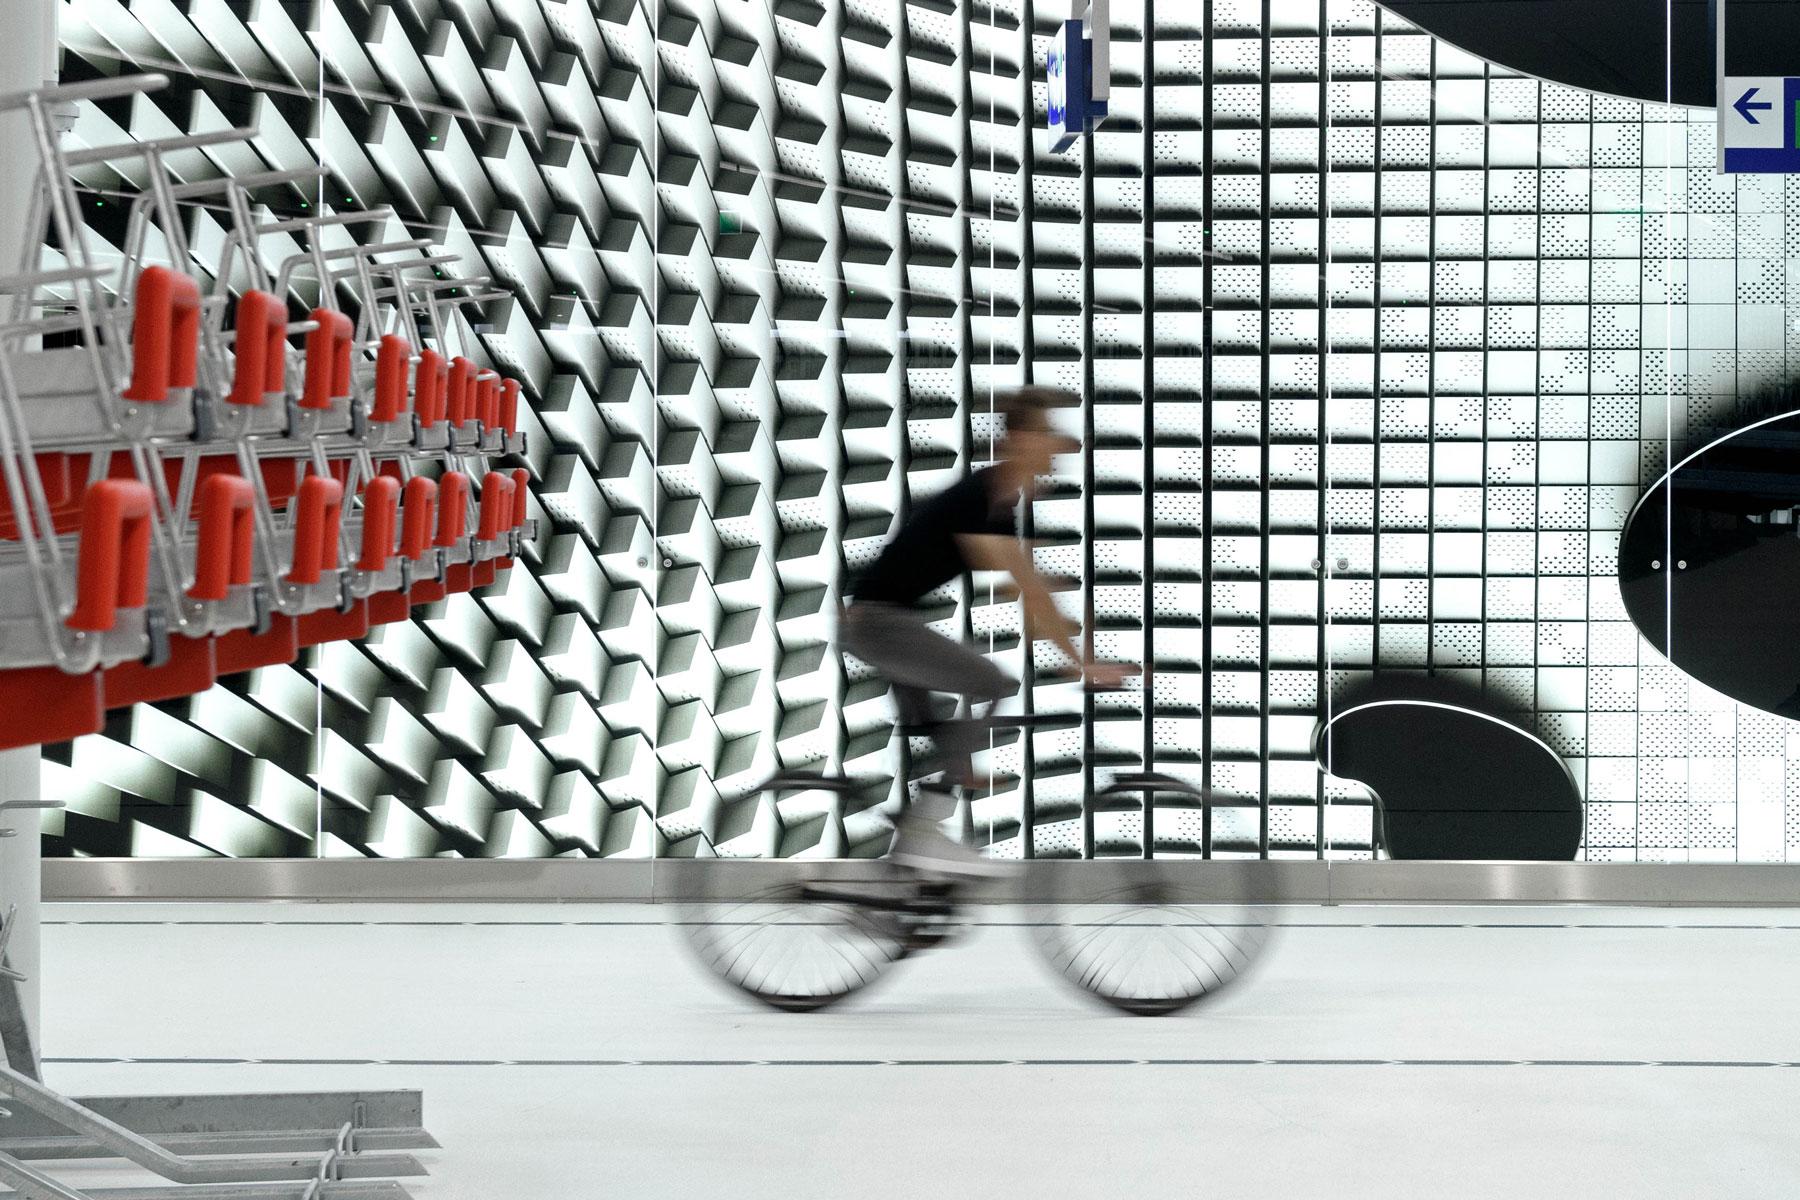 Haagse skyline siert 'bike parking' met museale allure